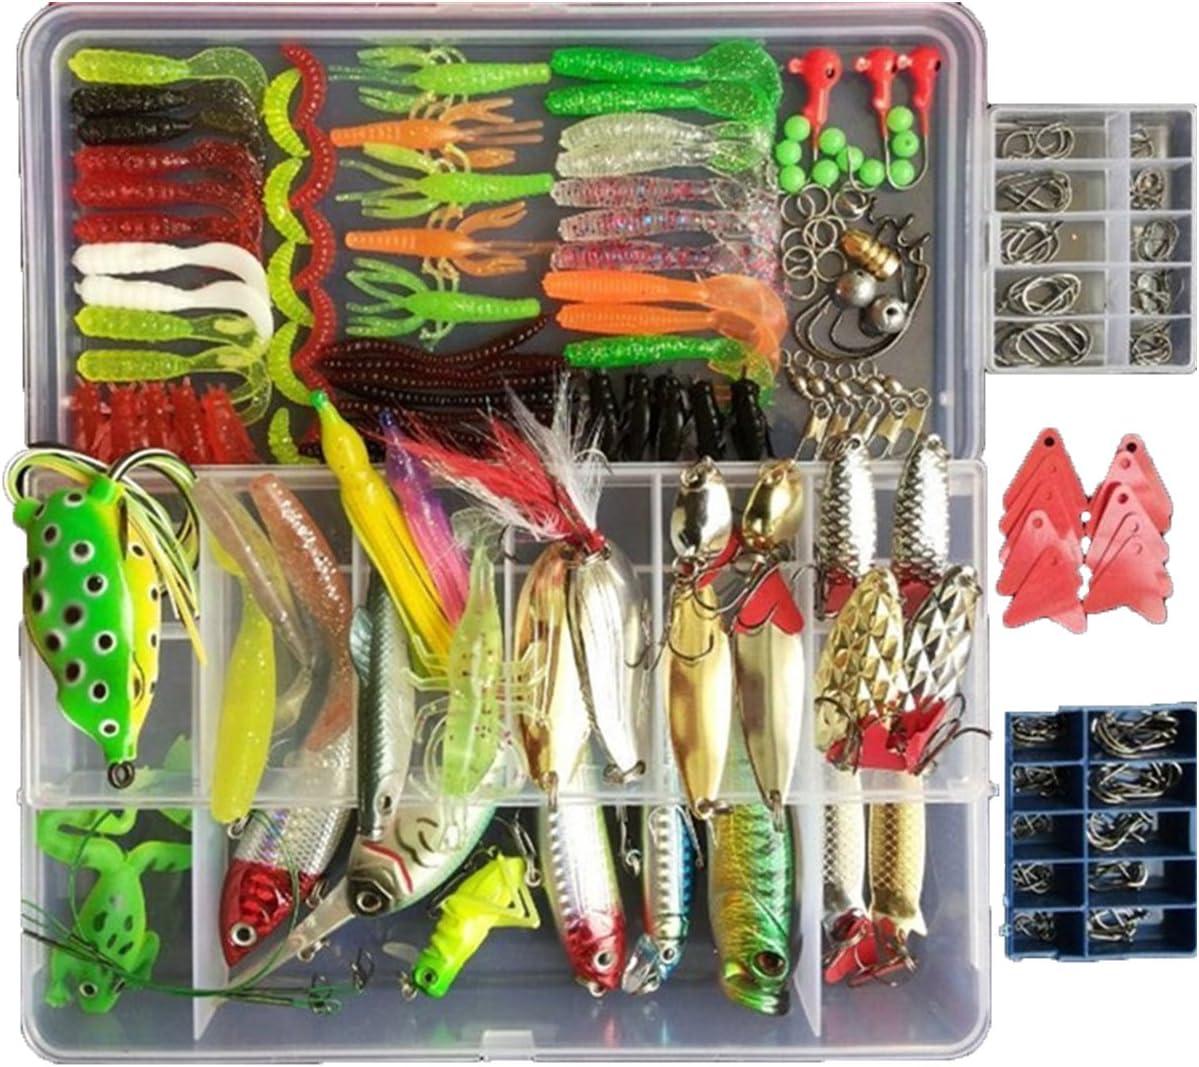 Lovoski 10pcs Hard Fishing Lures for Fresh//Saltwater,Tackle Lure Kit Set